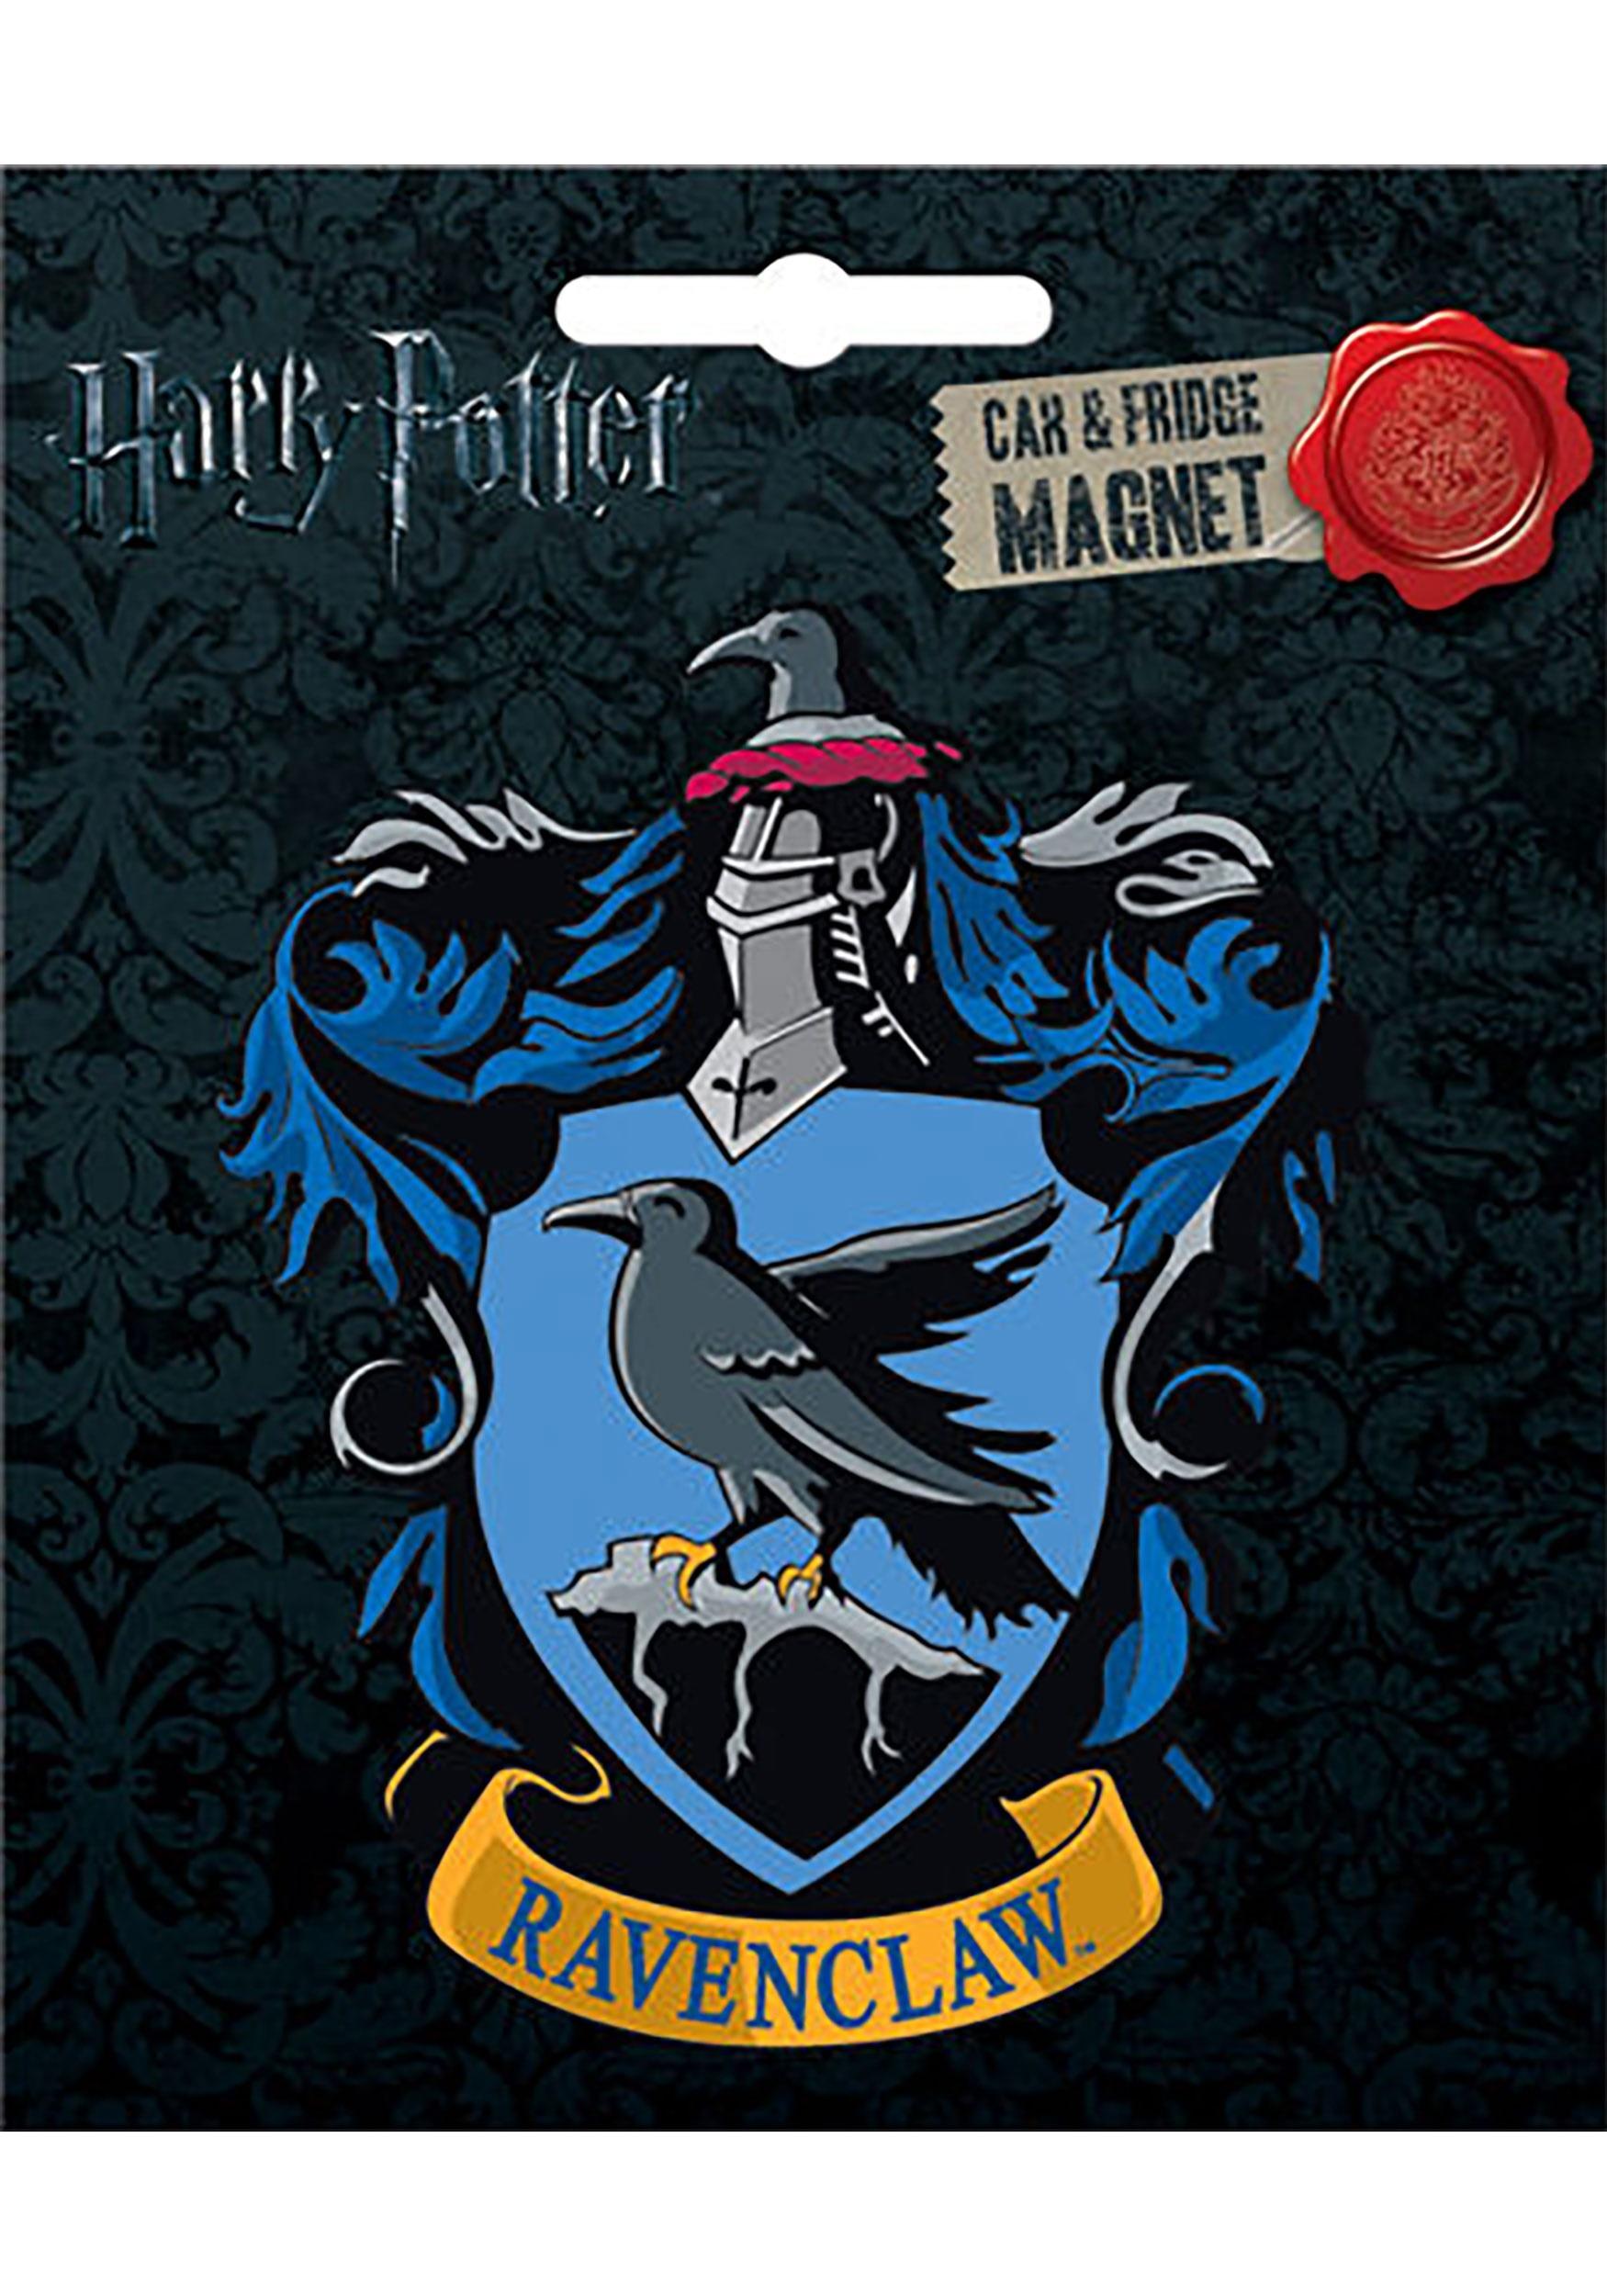 Harry_Potter_Ravenclaw_Car_Magnet